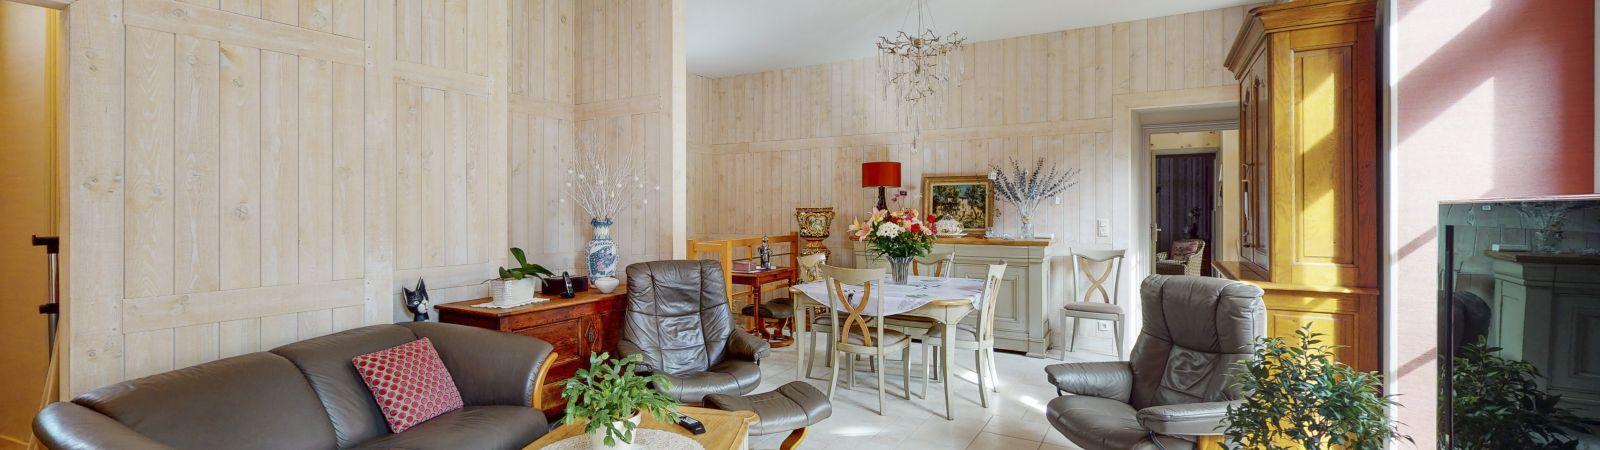 photo 3: Appartement d'exception au coeur de Saint-Servan